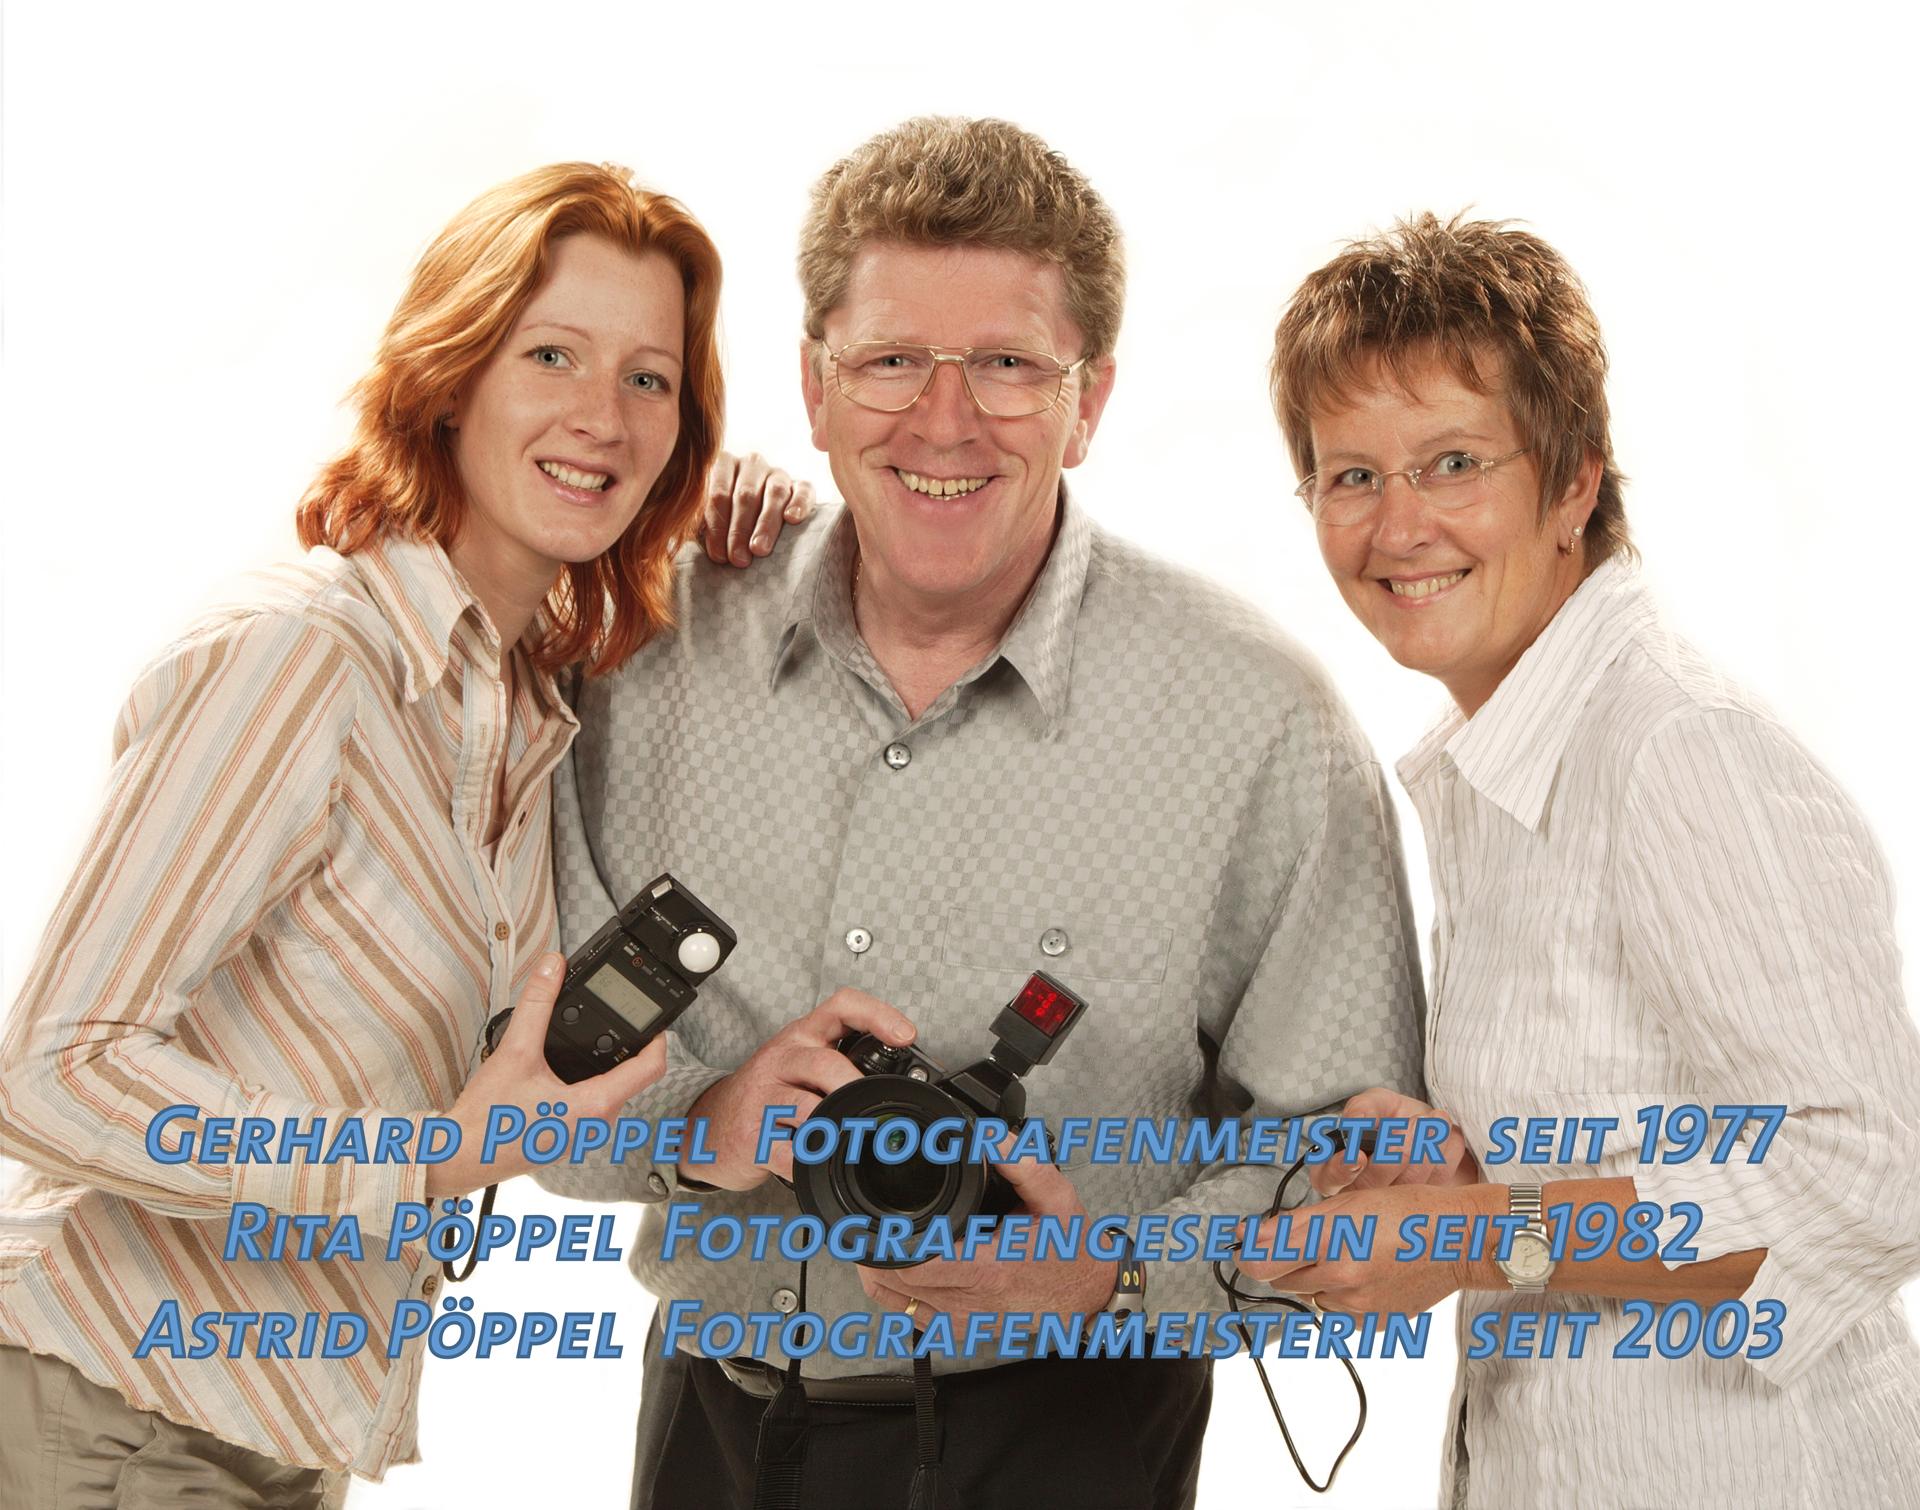 Teamfoto Fotostudio Pöppel Weeze